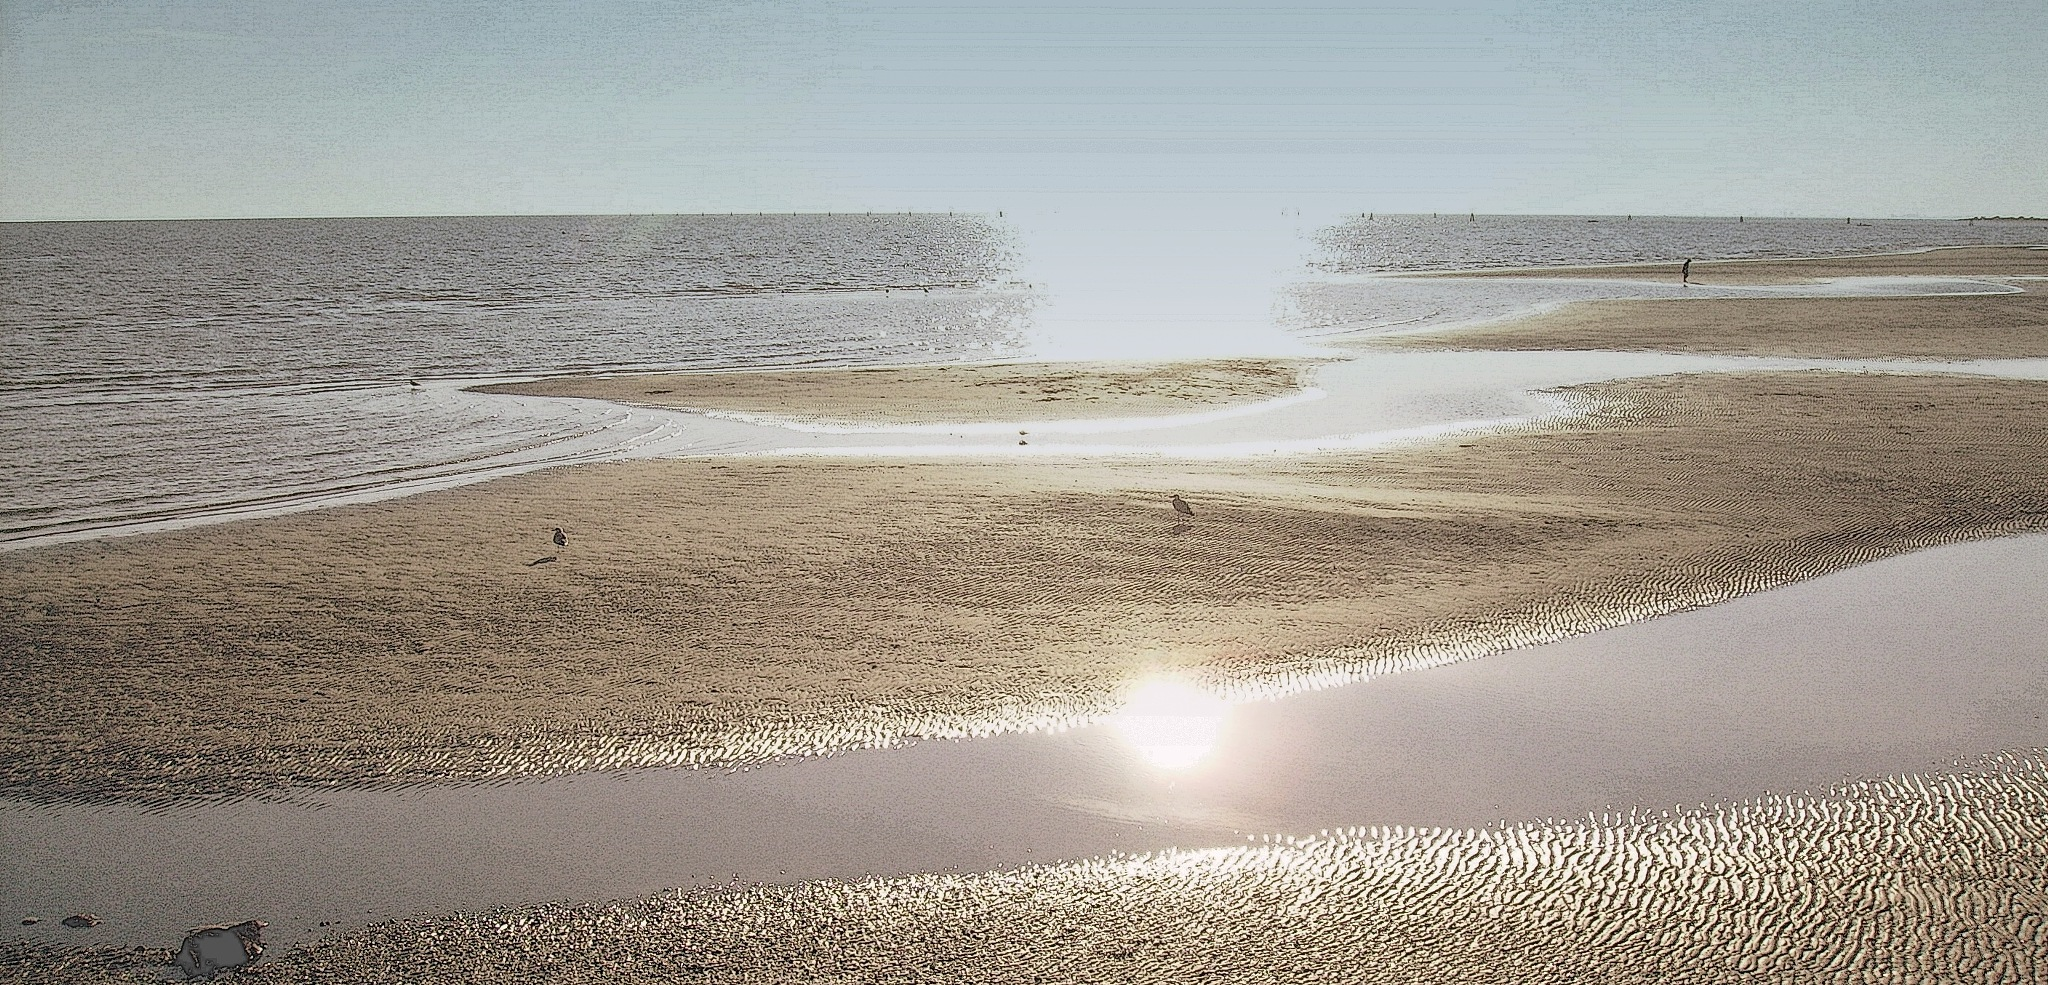 stessa spiaggia, stesso mare by Adelaide